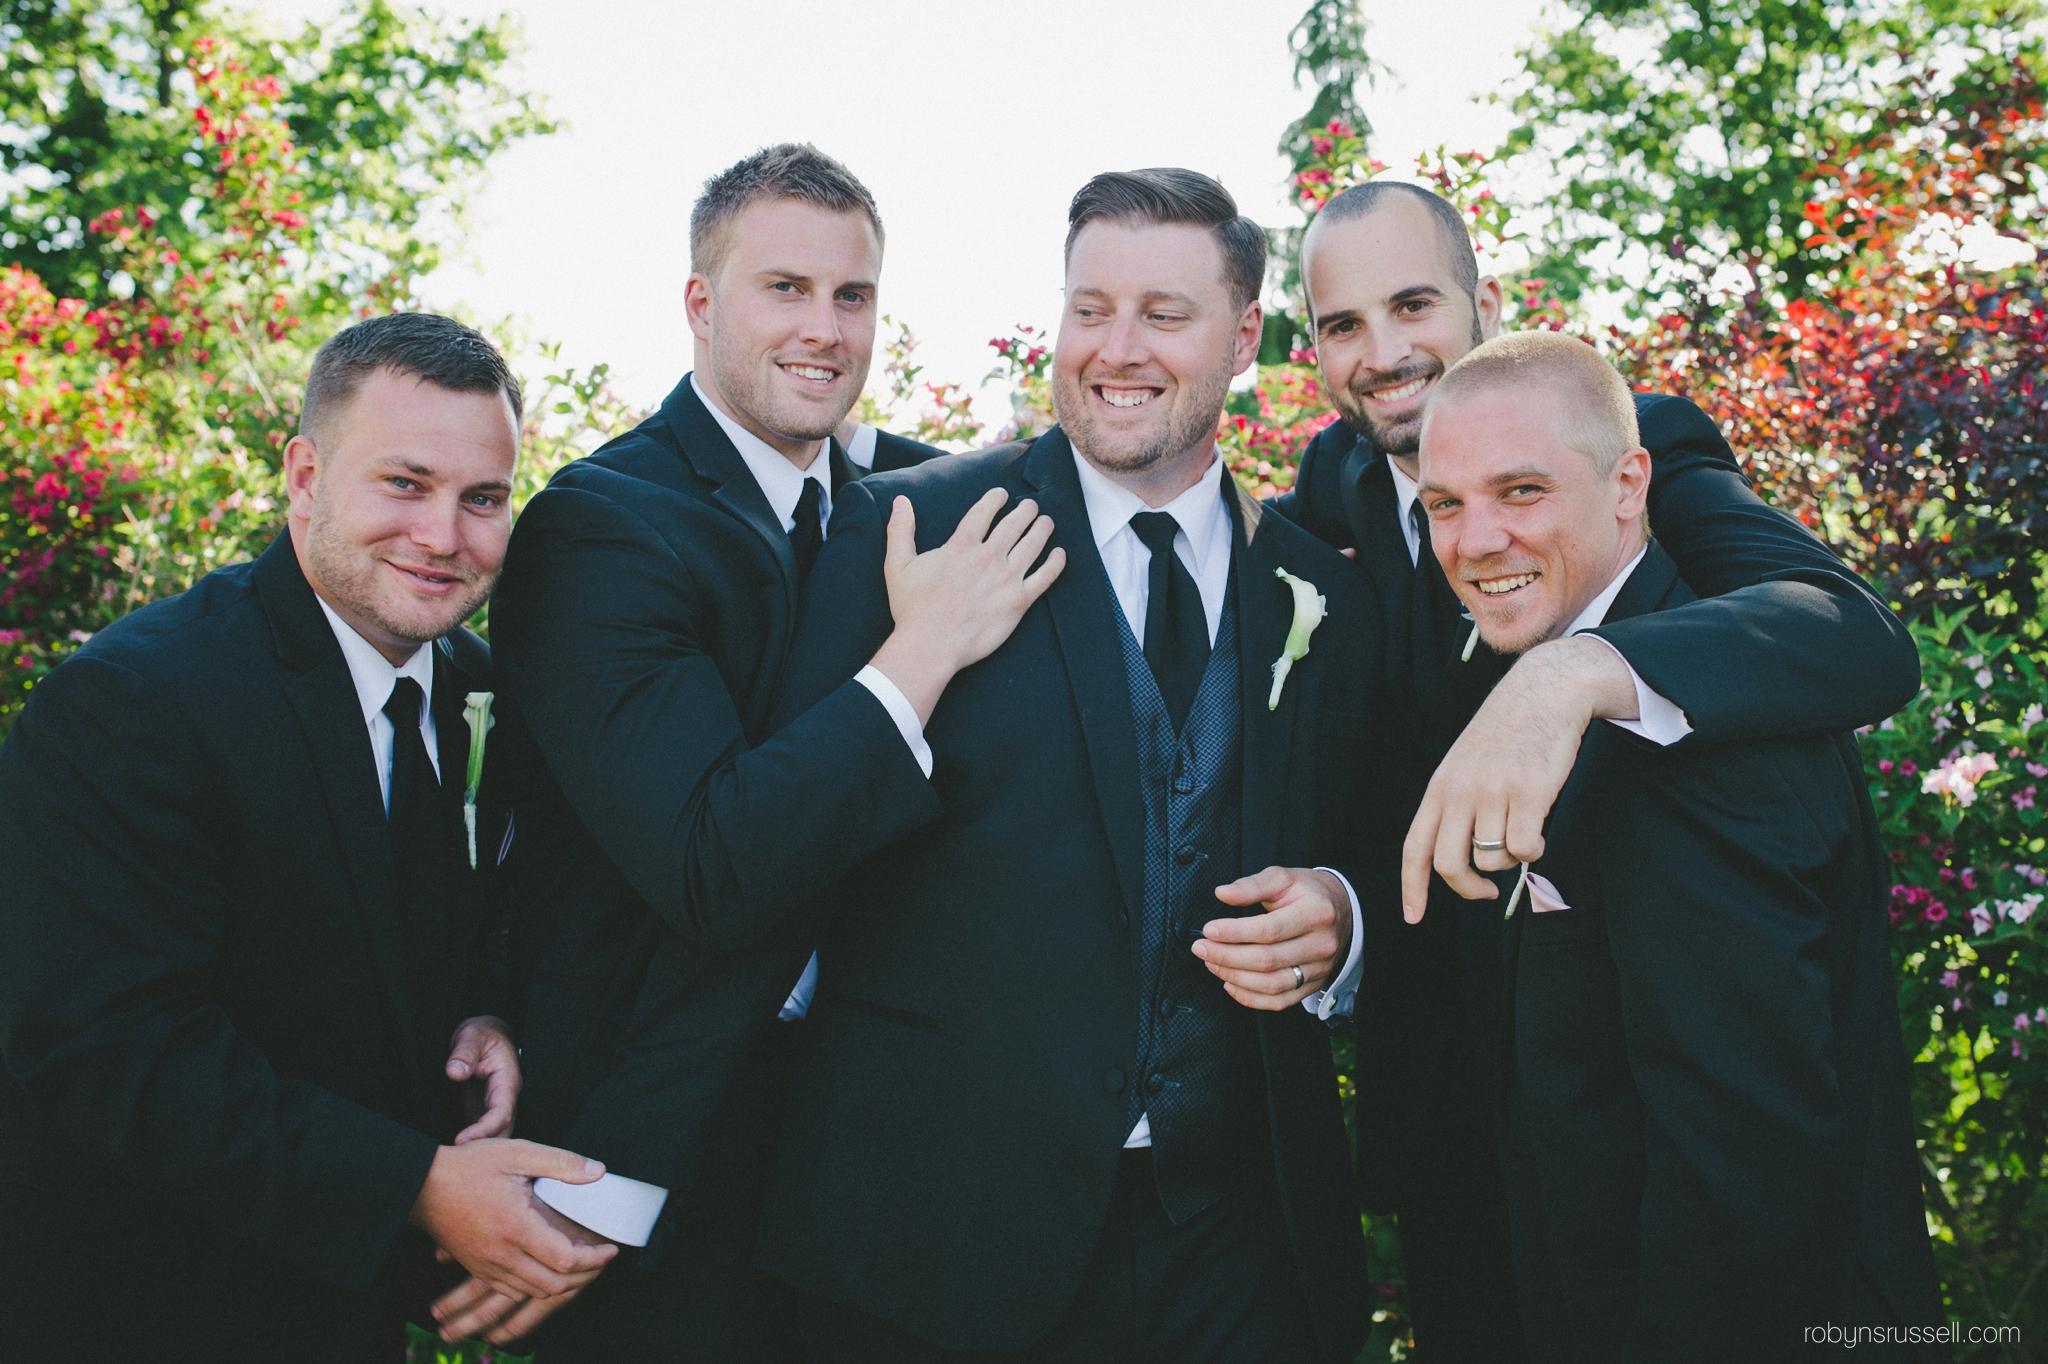 32-funny-groomsmen-and-friends.jpg